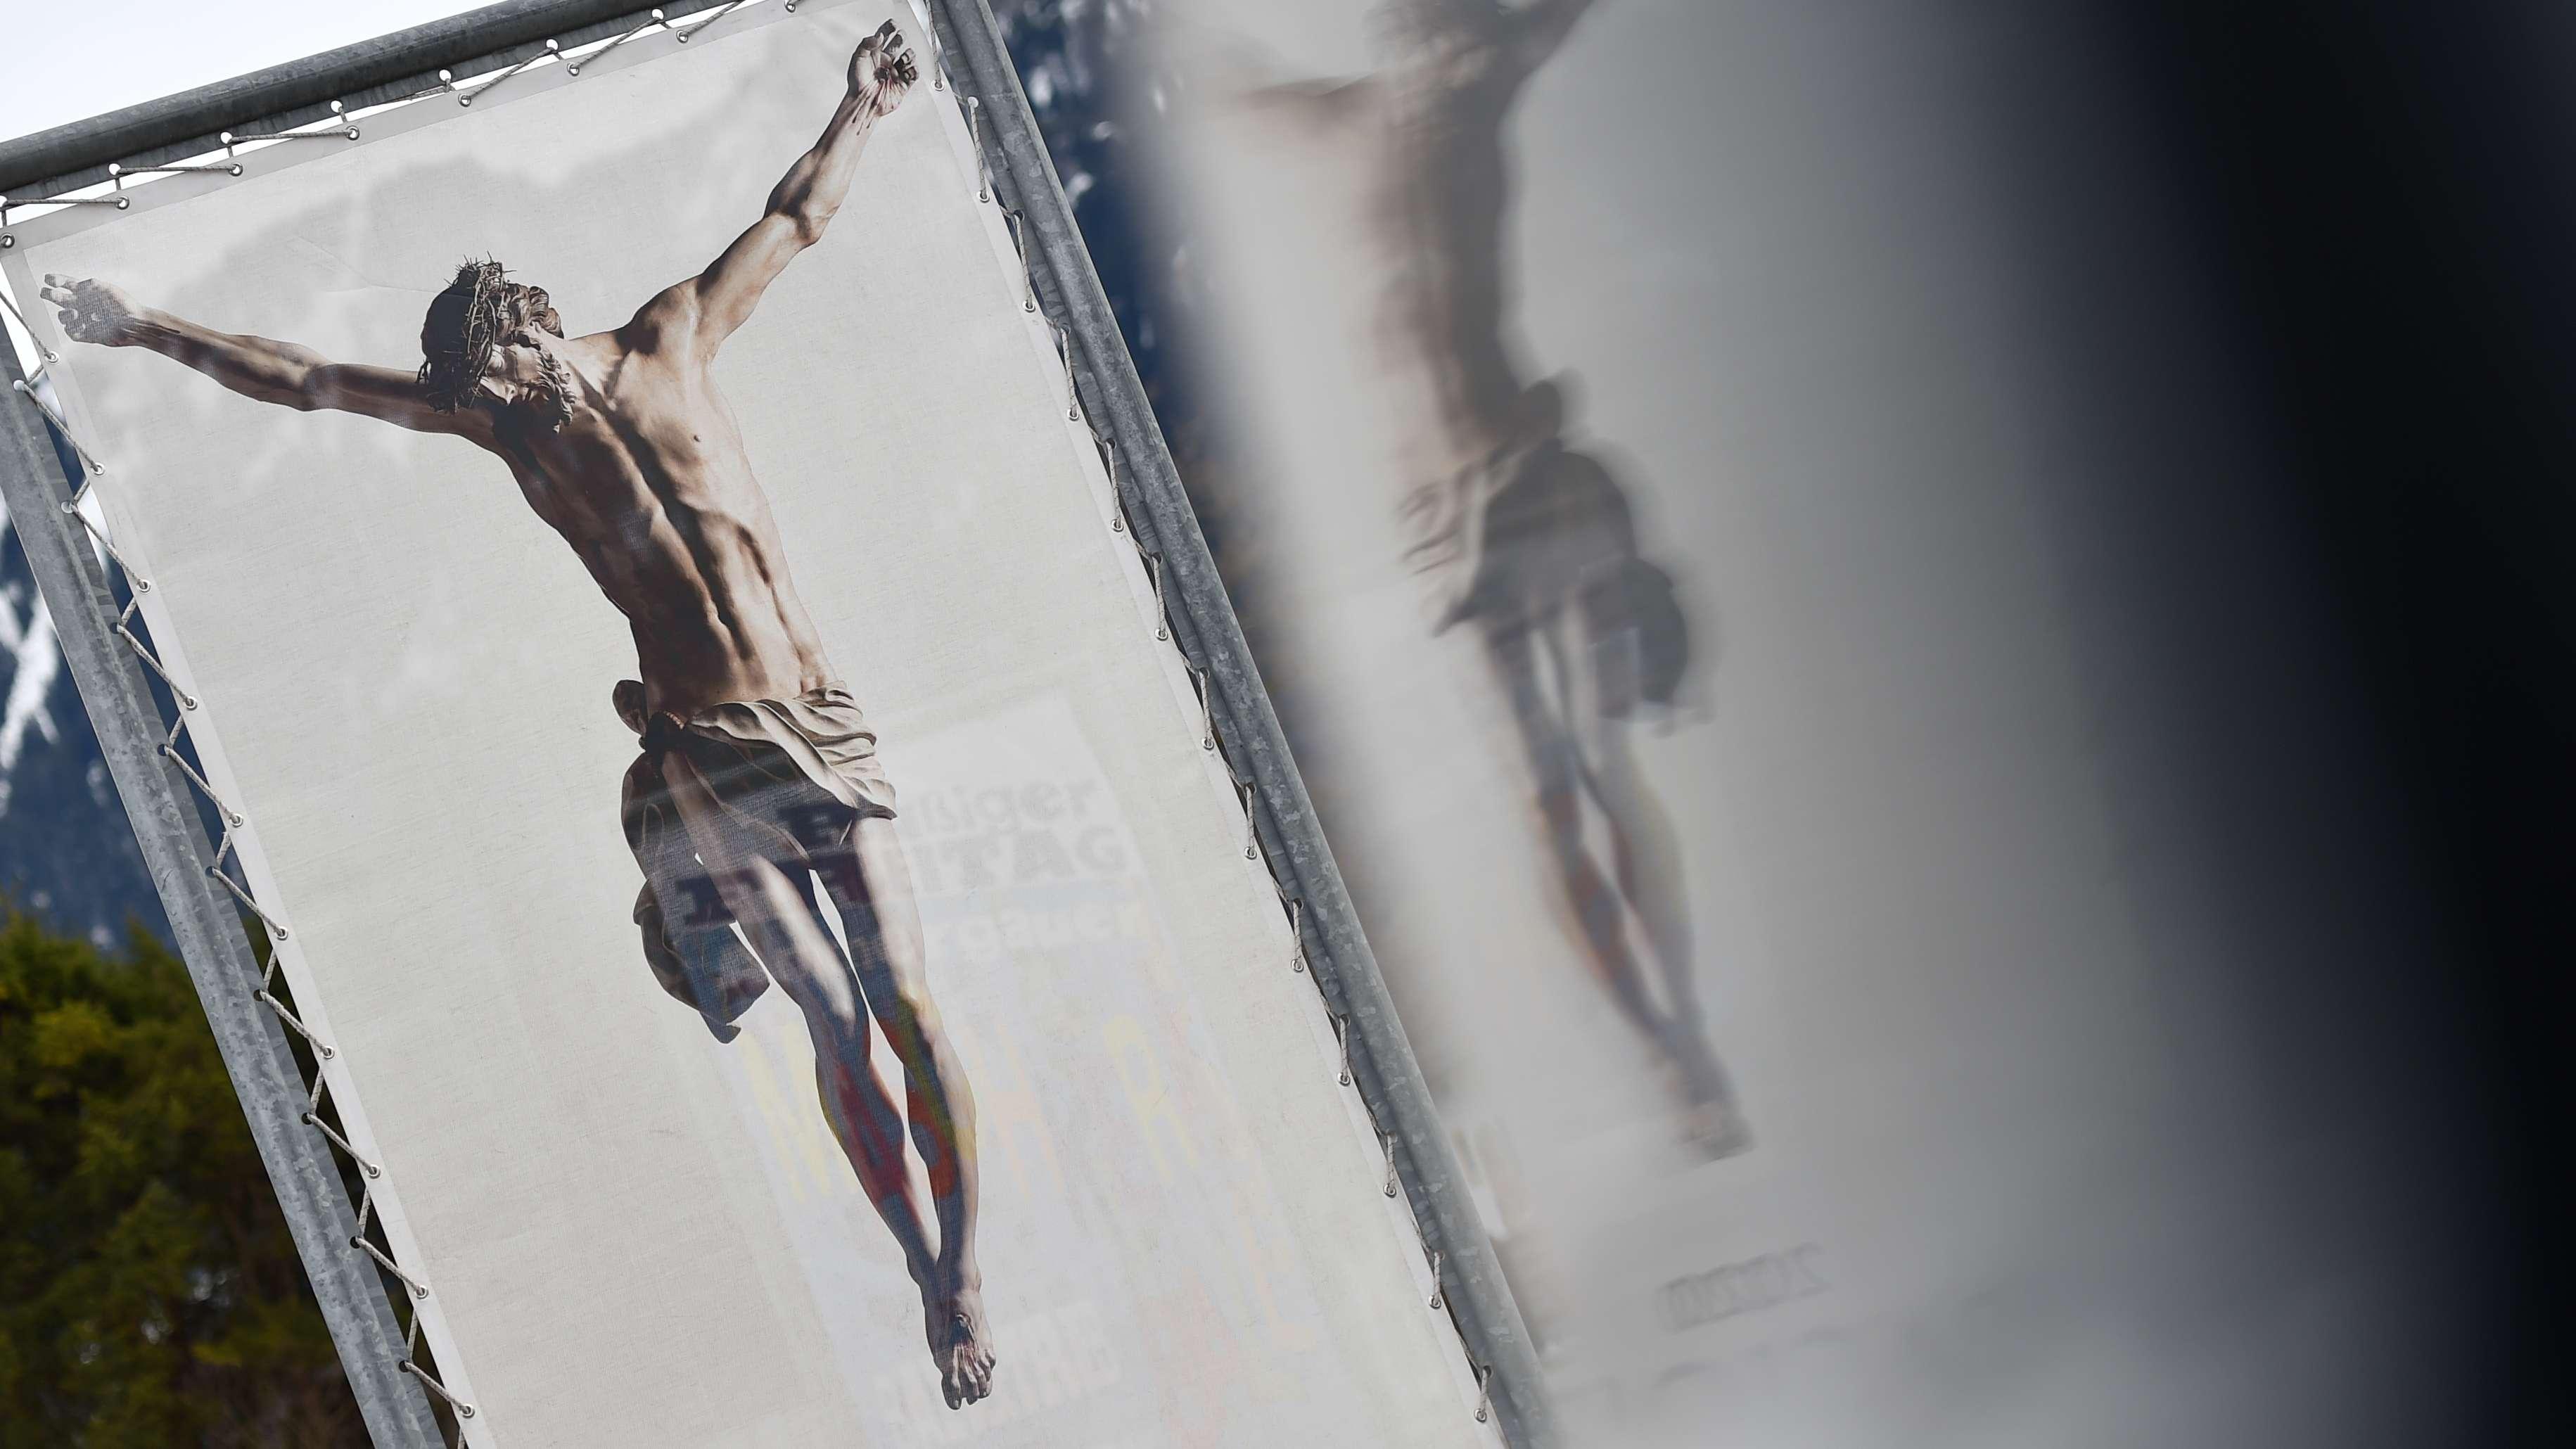 Oberammergau: Ein Werbeplakat für die Passionsspiele 2020 spiegelt sich in einen Autofenster.